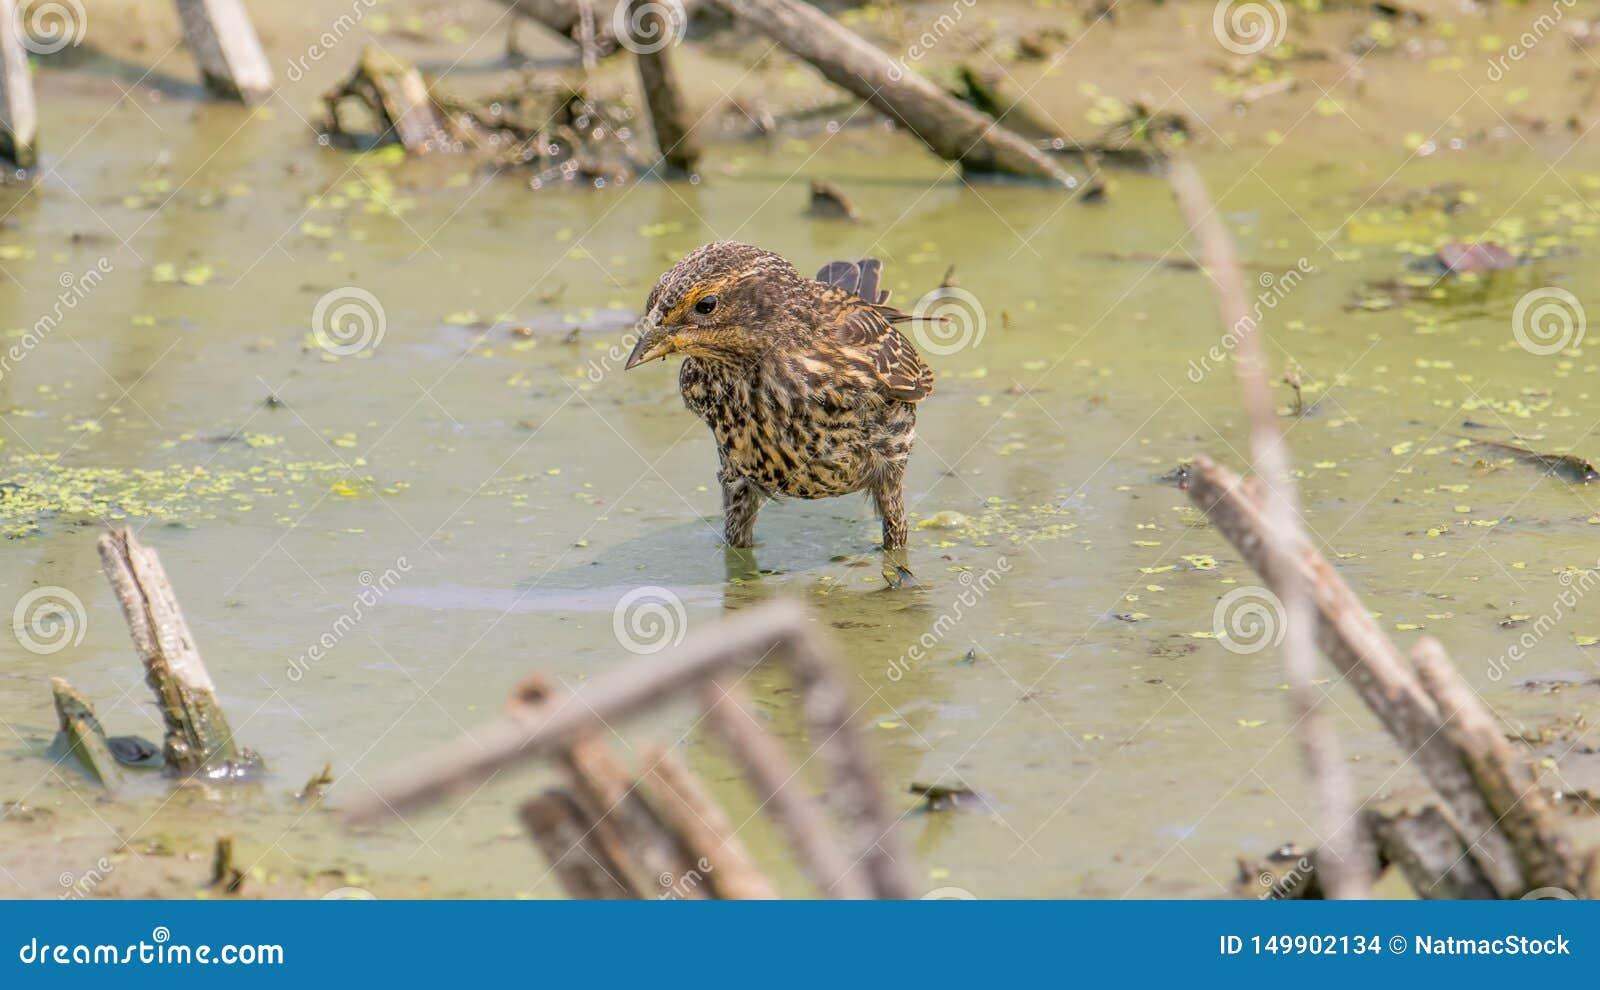 女性美洲红翼鸫身分在泥泞的泥泞的水域中在明尼苏达河的洪泛区